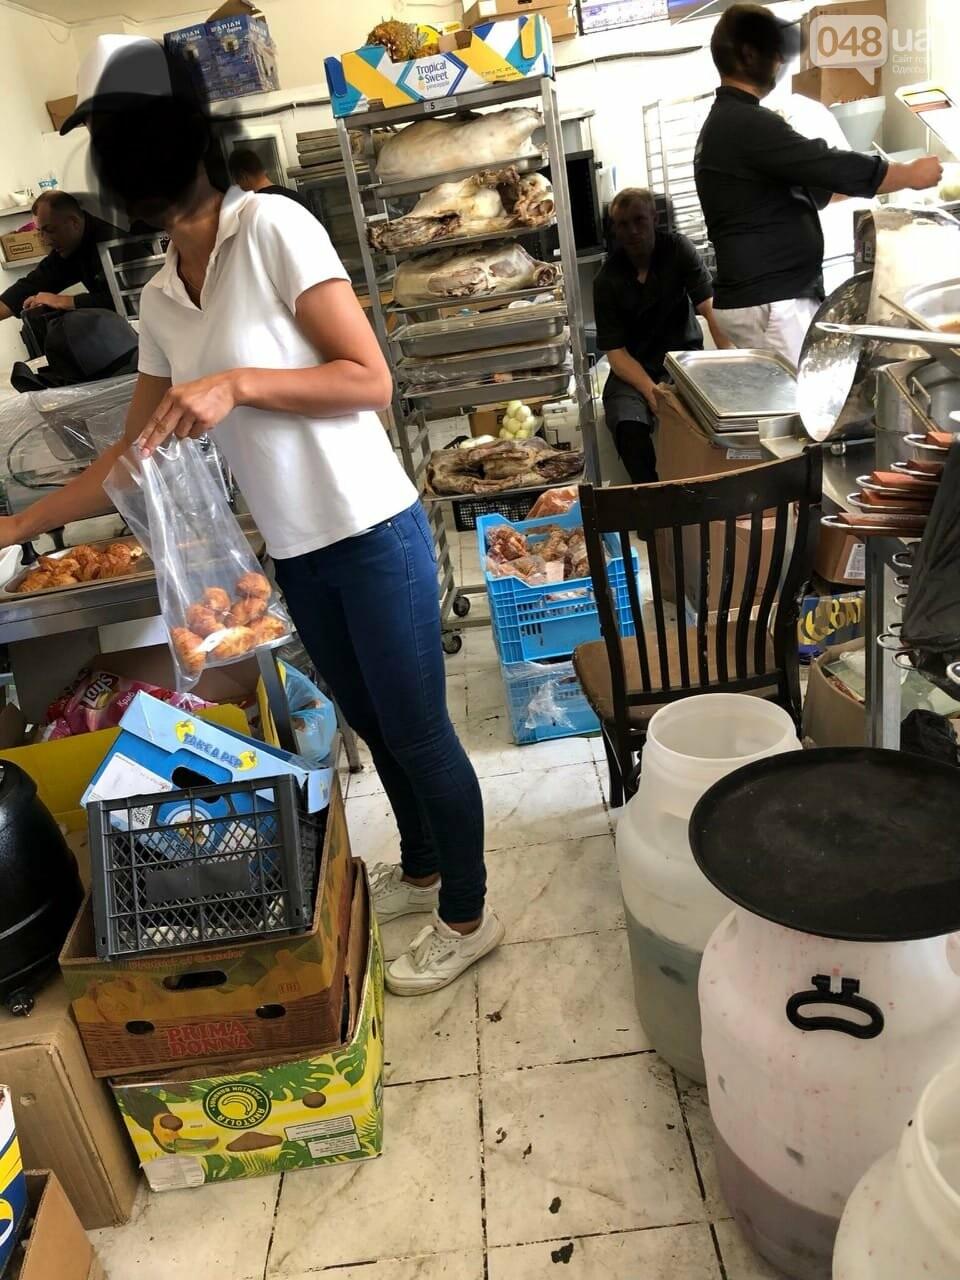 Как выглядит кухня пафосного ресторана: шокирующее видео одесского официанта, - ФОТО, ВИДЕО, фото-2